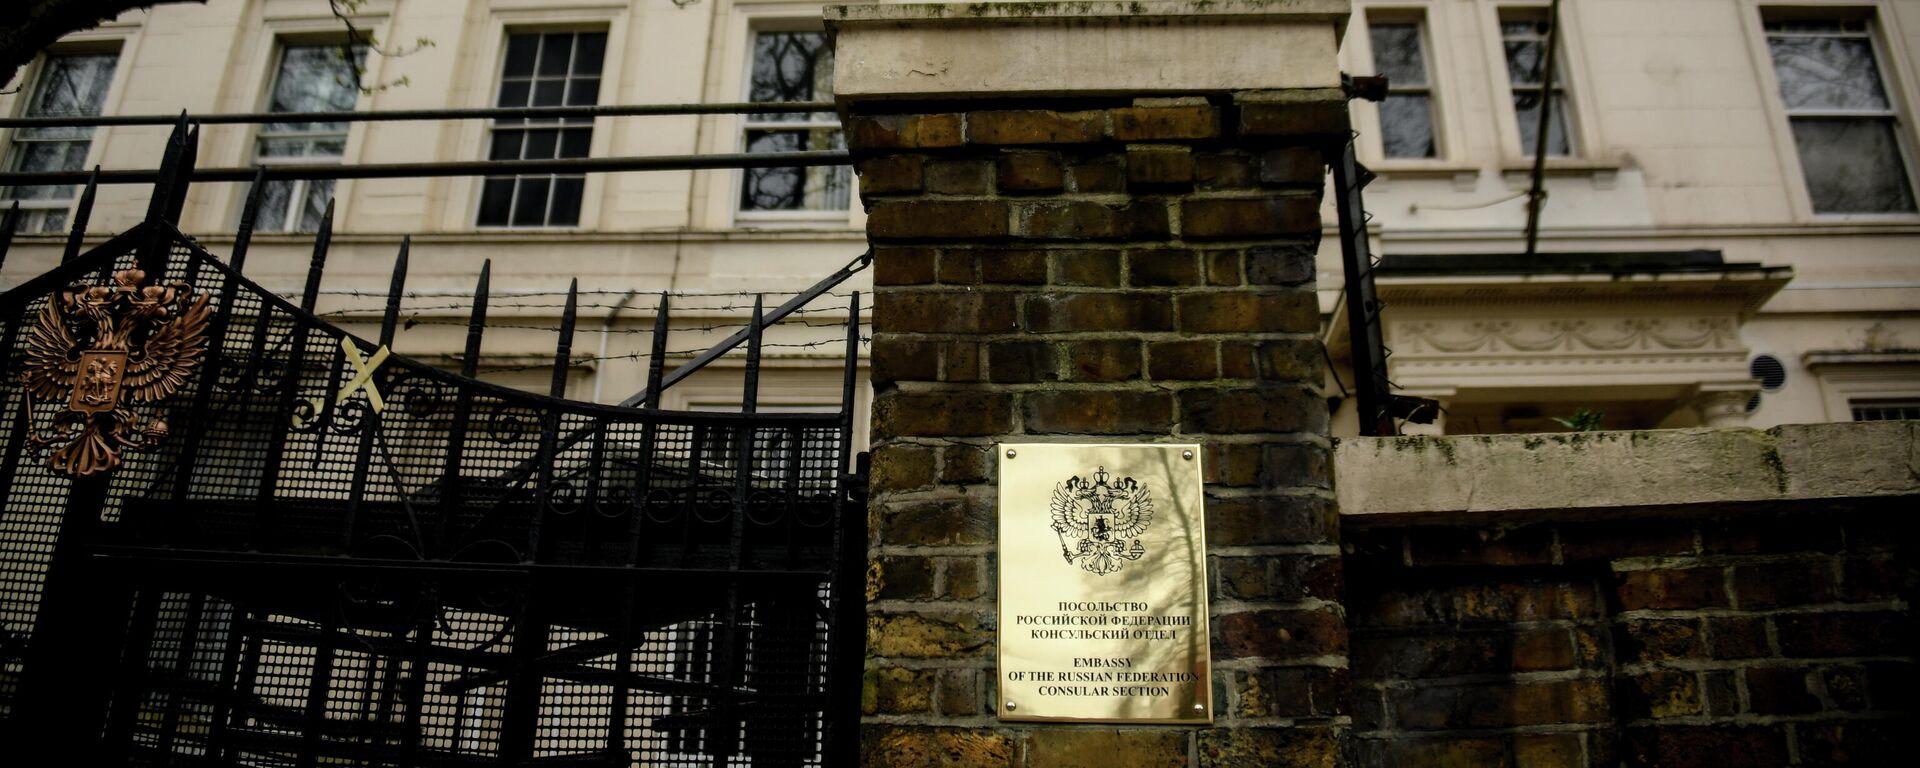 Зграда руске амбасаде у Лондону - Sputnik Србија, 1920, 21.09.2021